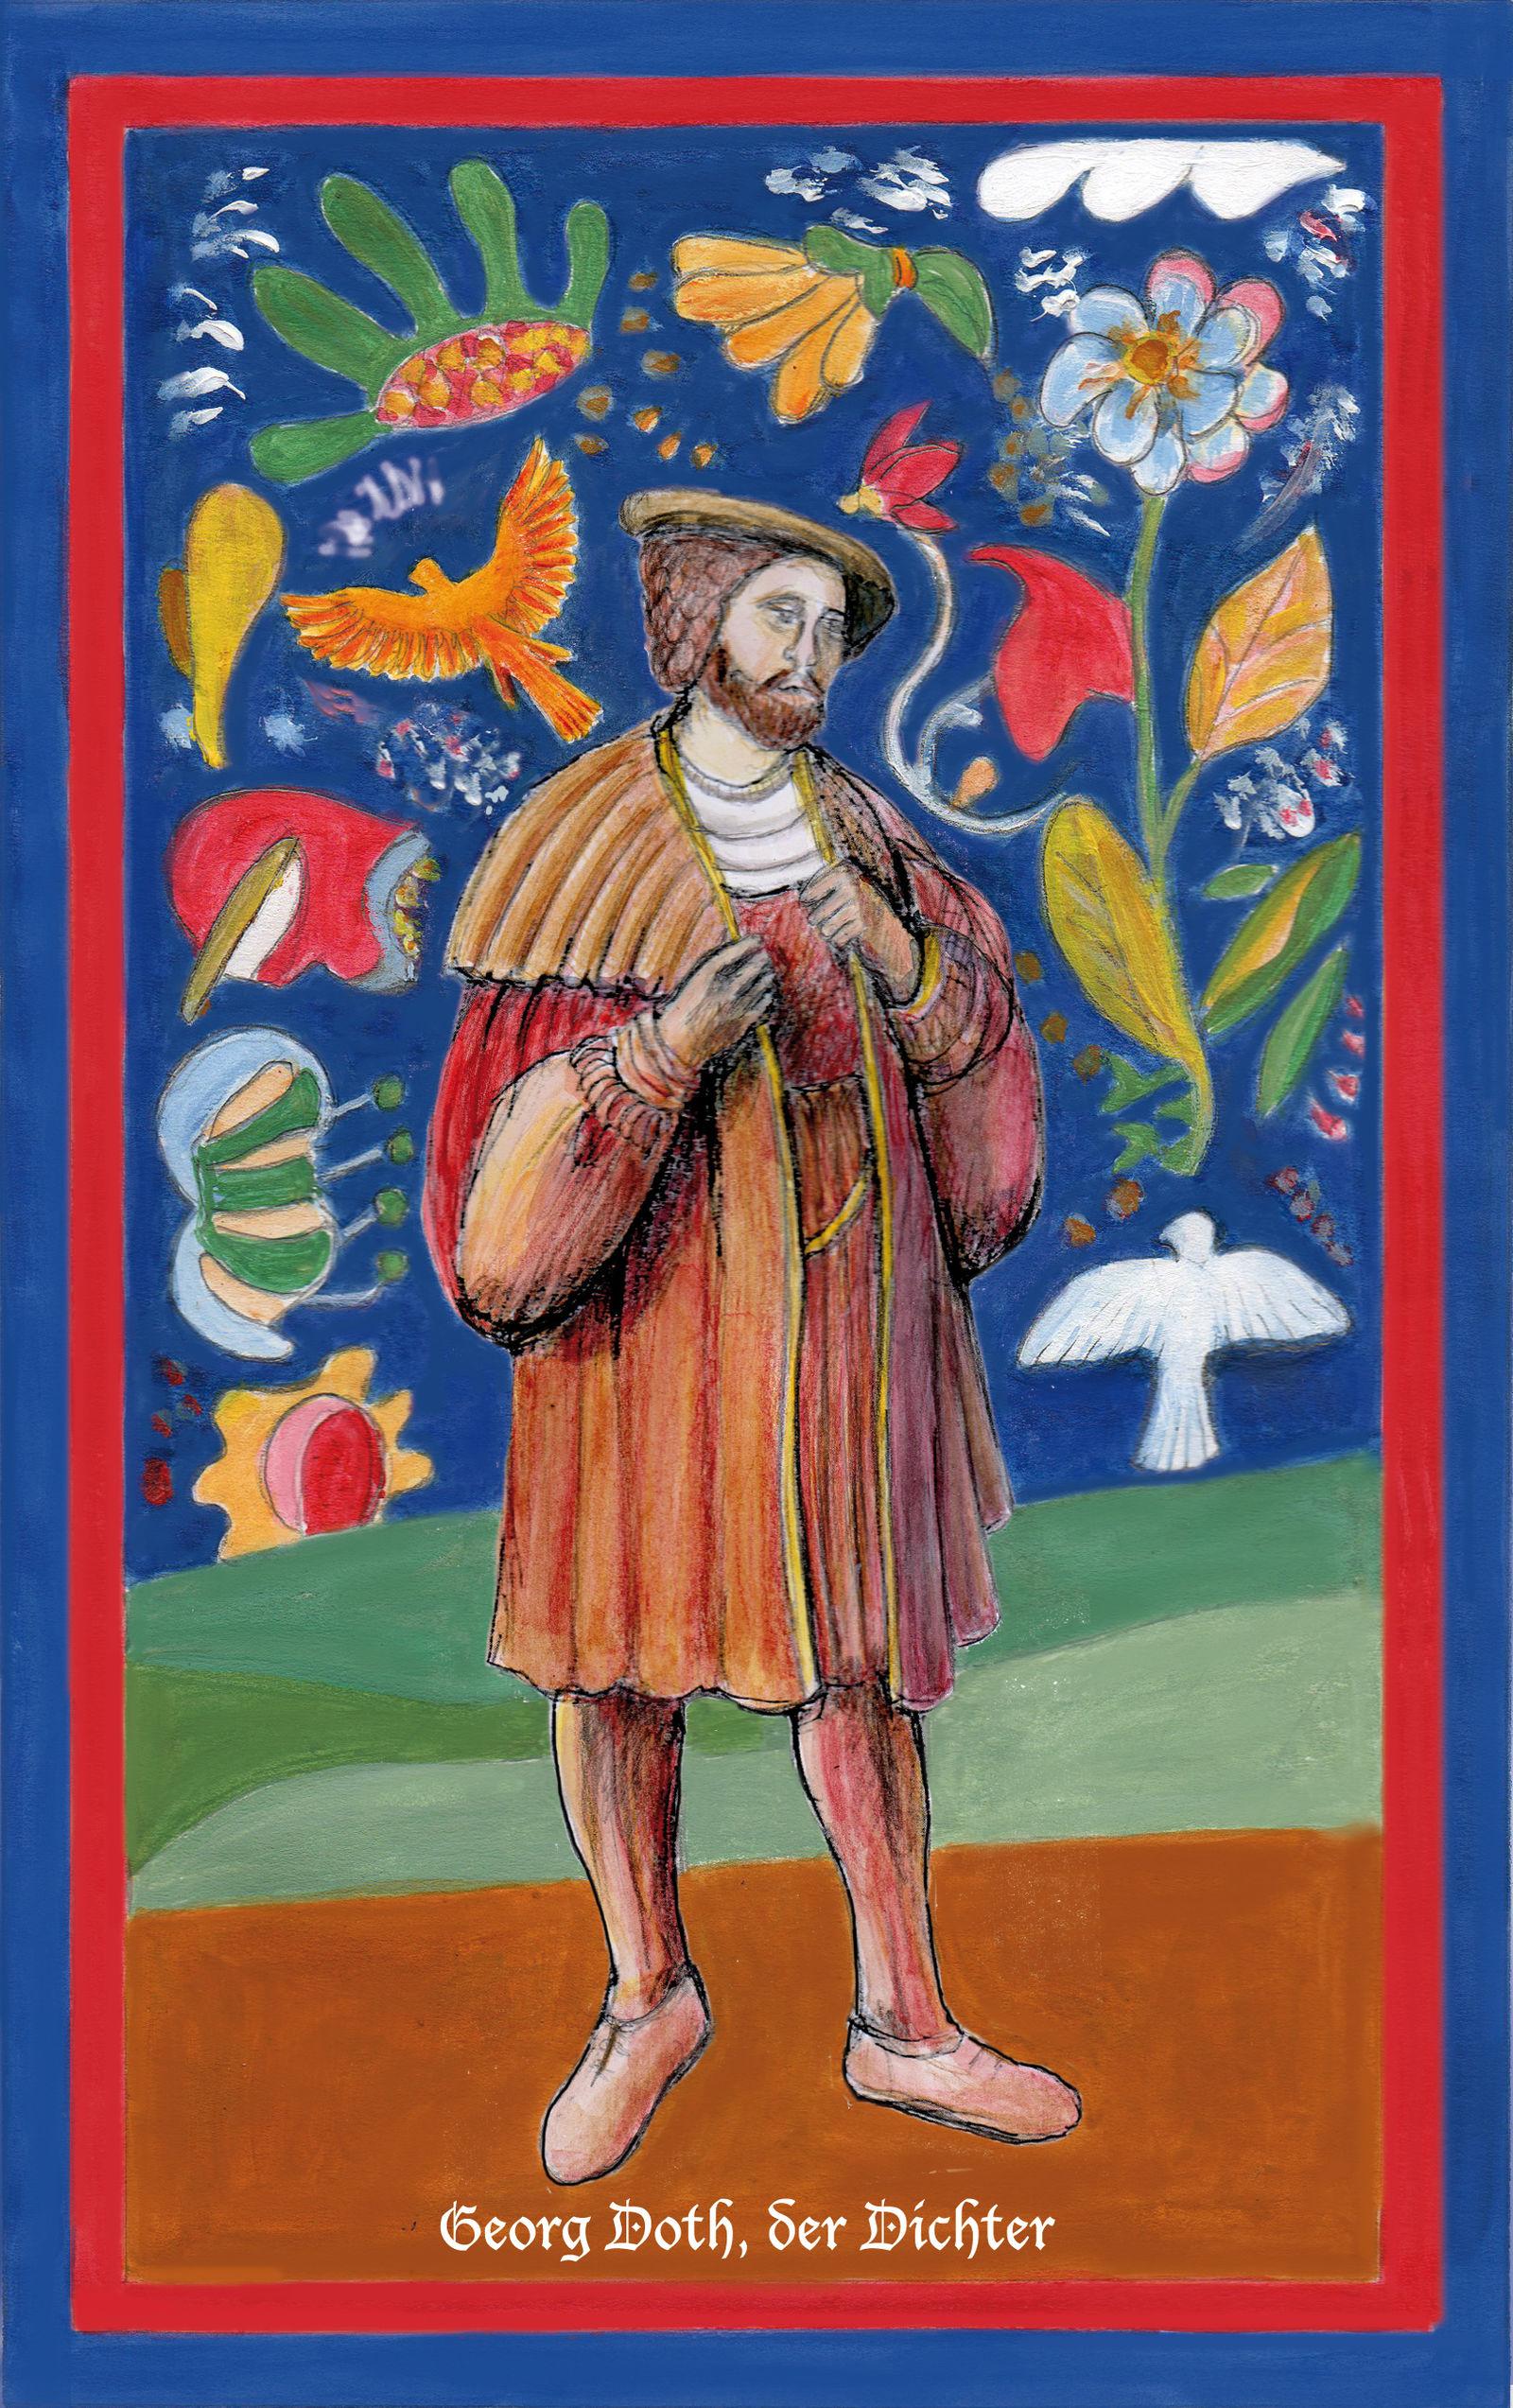 Doth, der Dichter